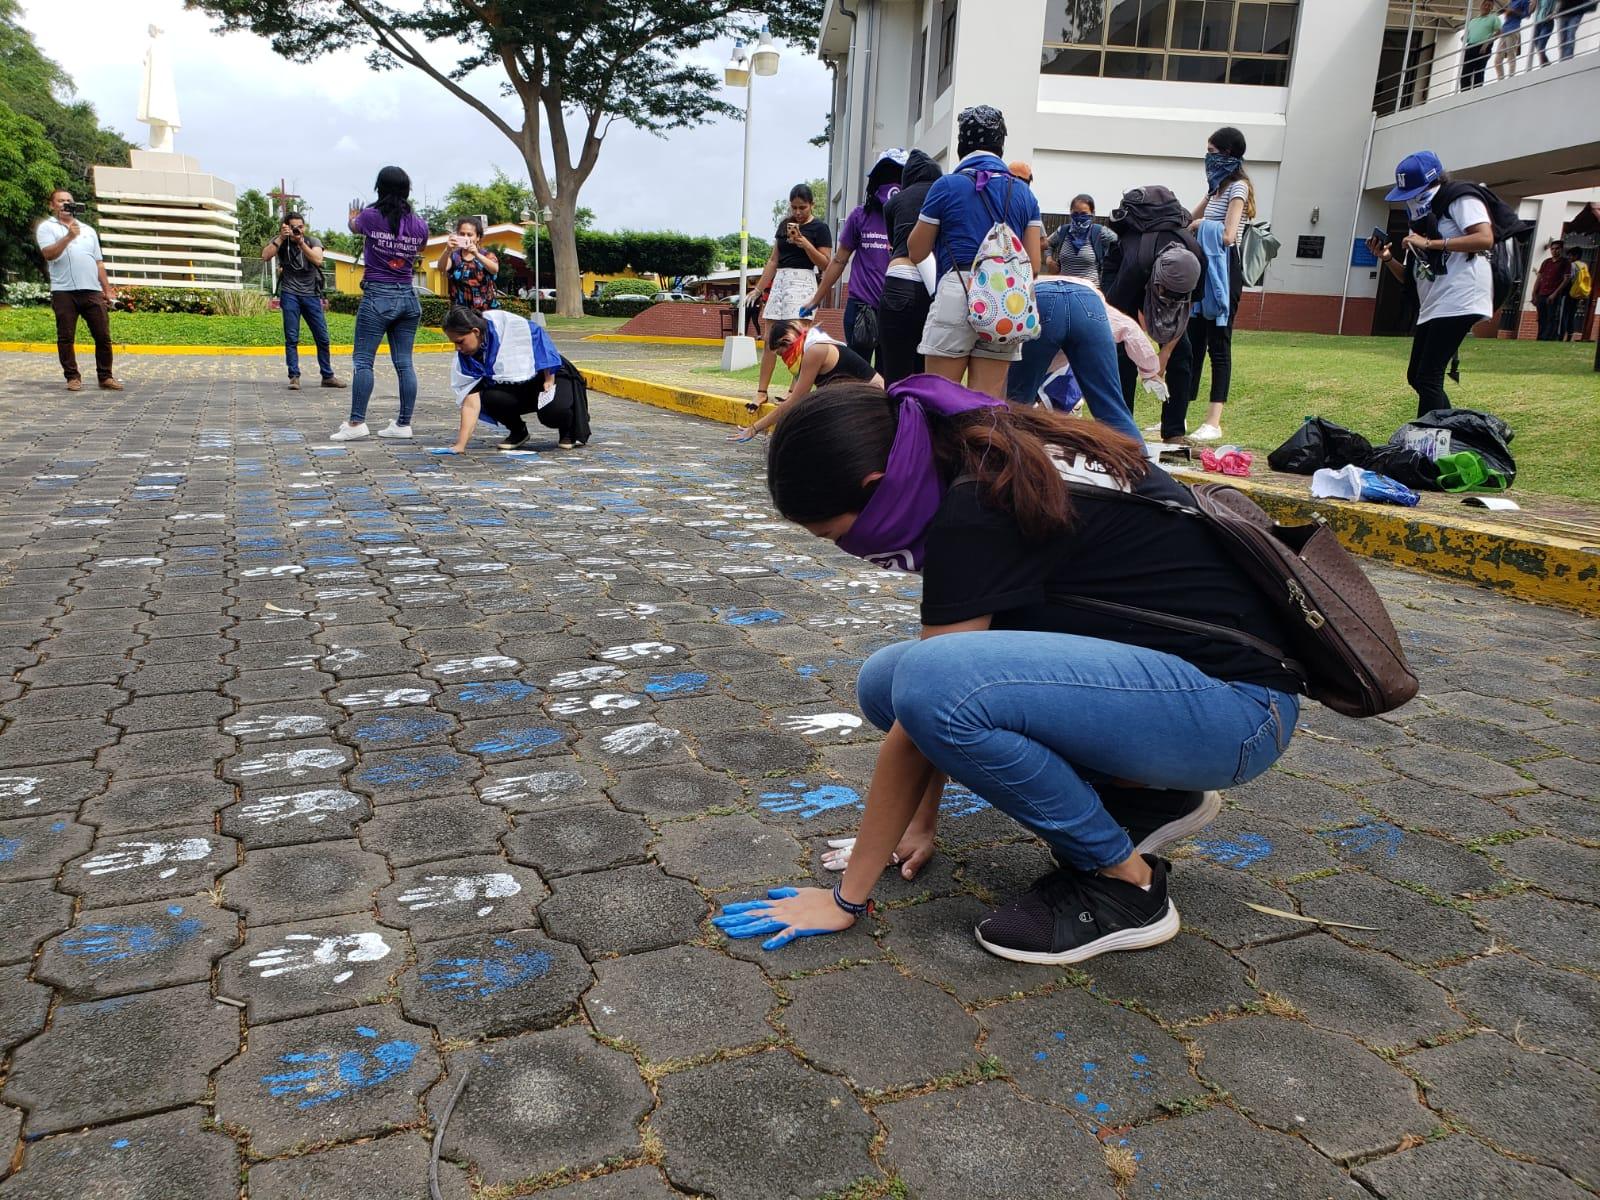 Señalaron que significa que los estudiantes siguen en resistencia para demandar justicia y libertad para Nicaragua. Foto: G. Shiffman / Artículo 66